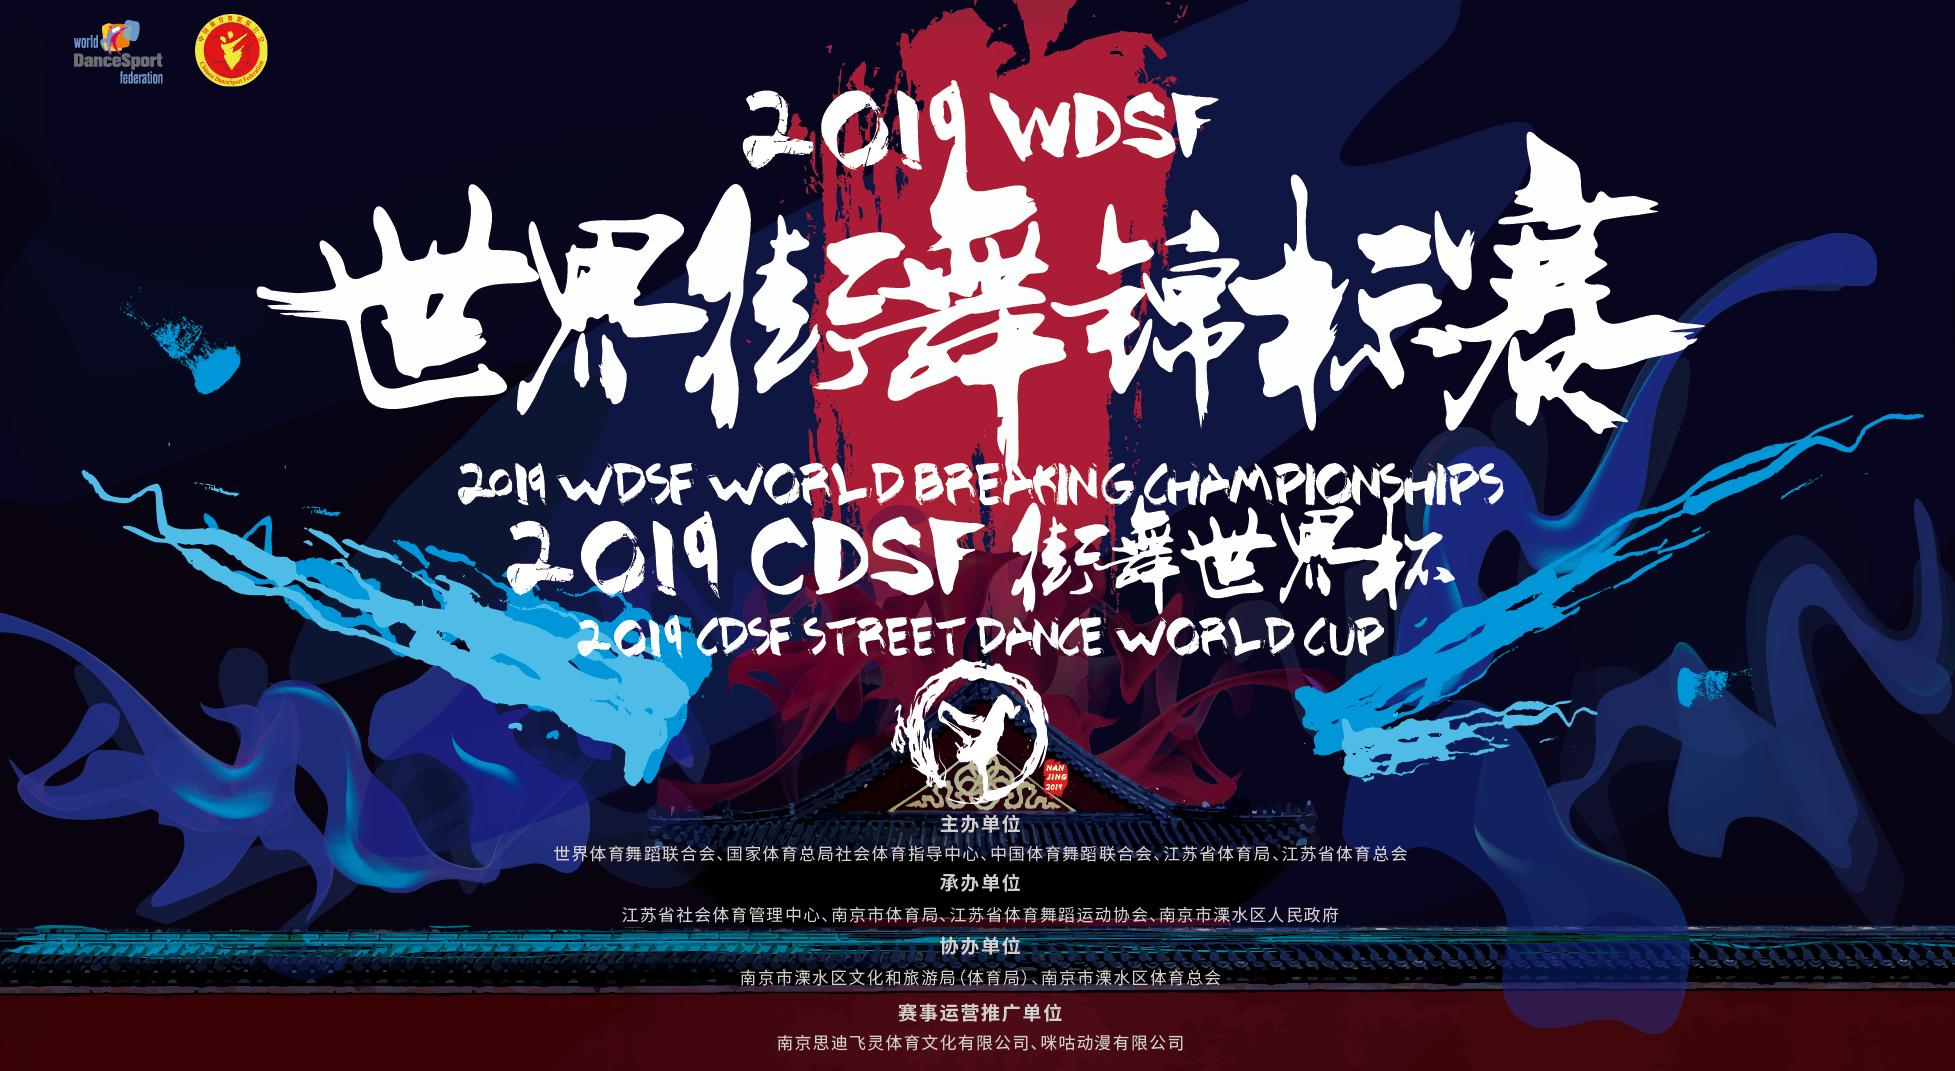 2019WDSF世界街舞锦标赛2019CDSF街舞世界杯图片集锦